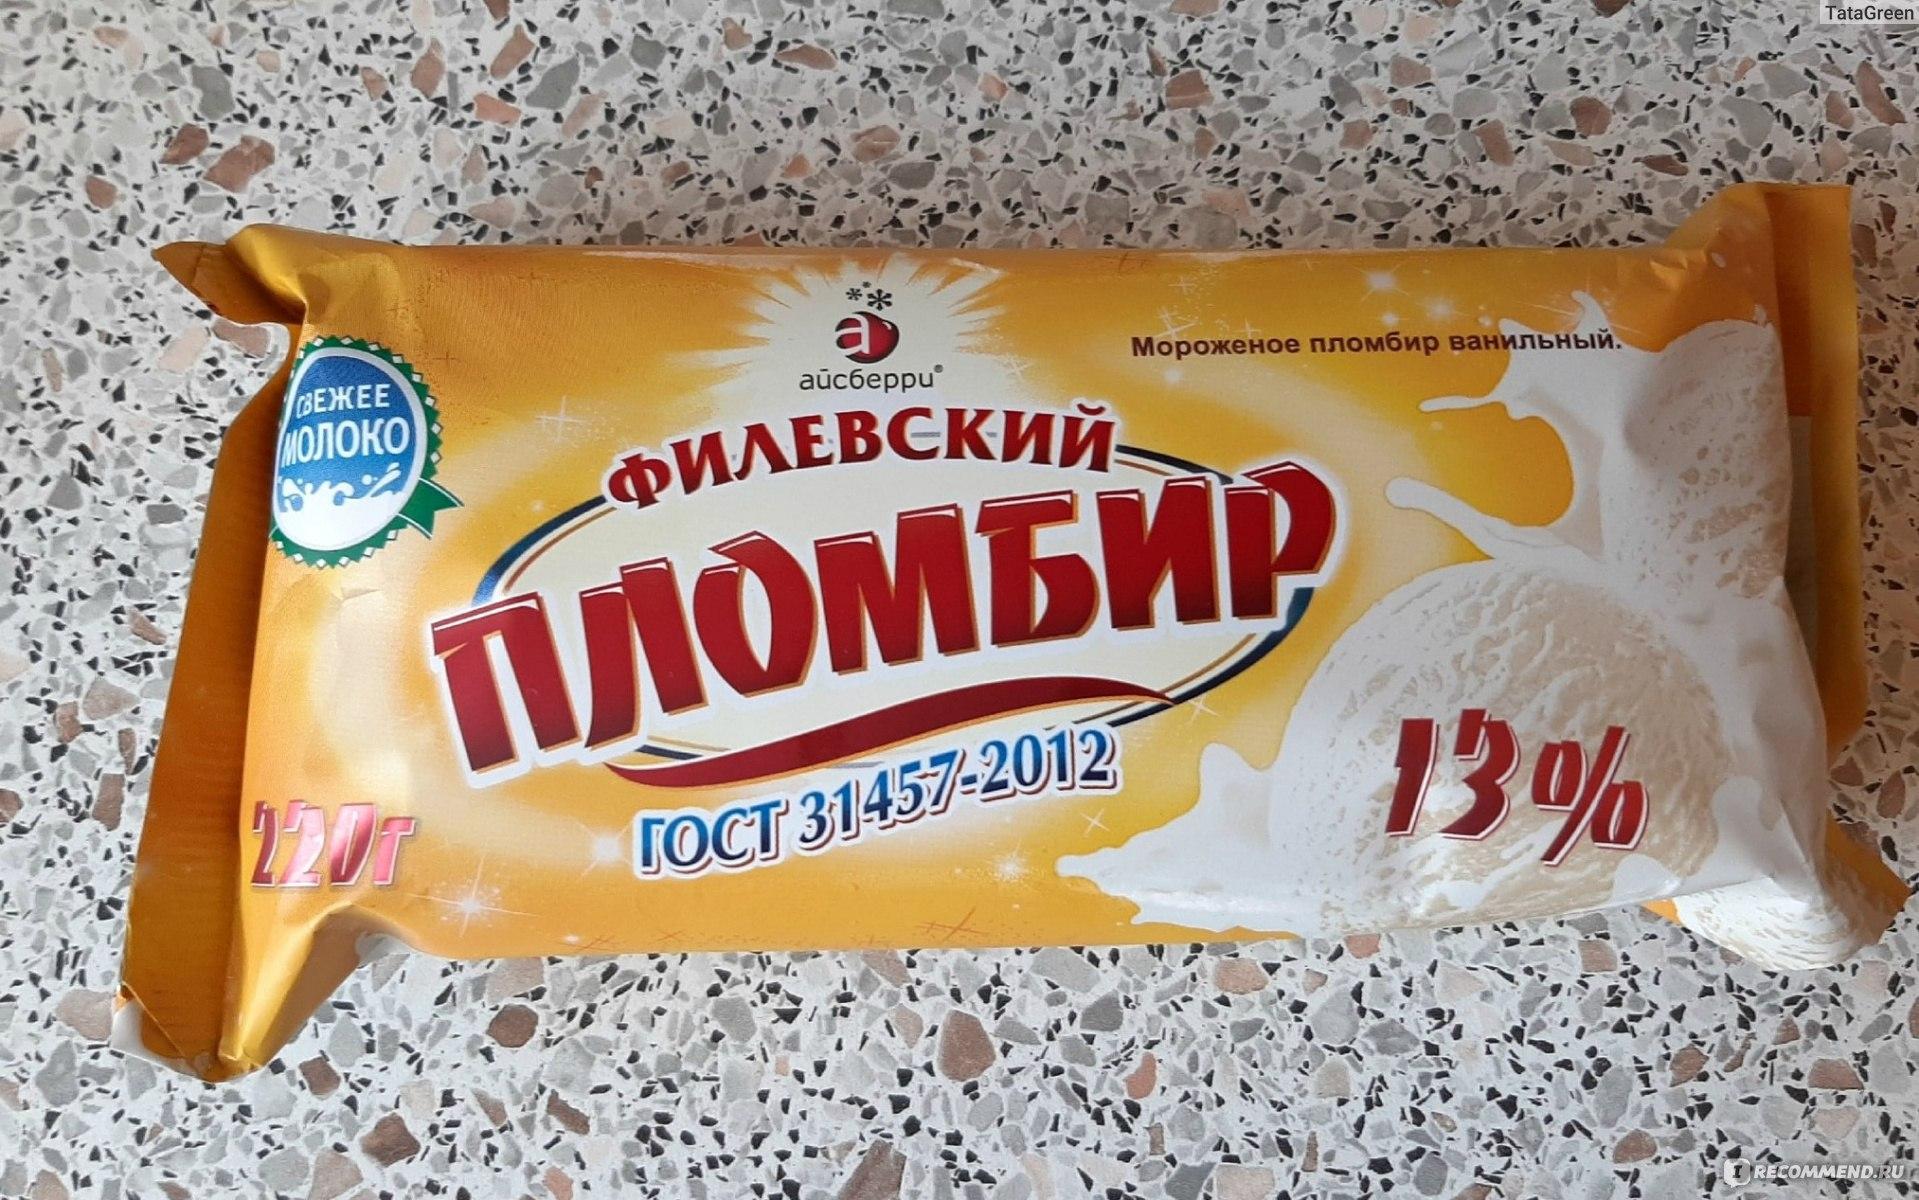 Мороженое «Айсберри/Филевский пломбир»